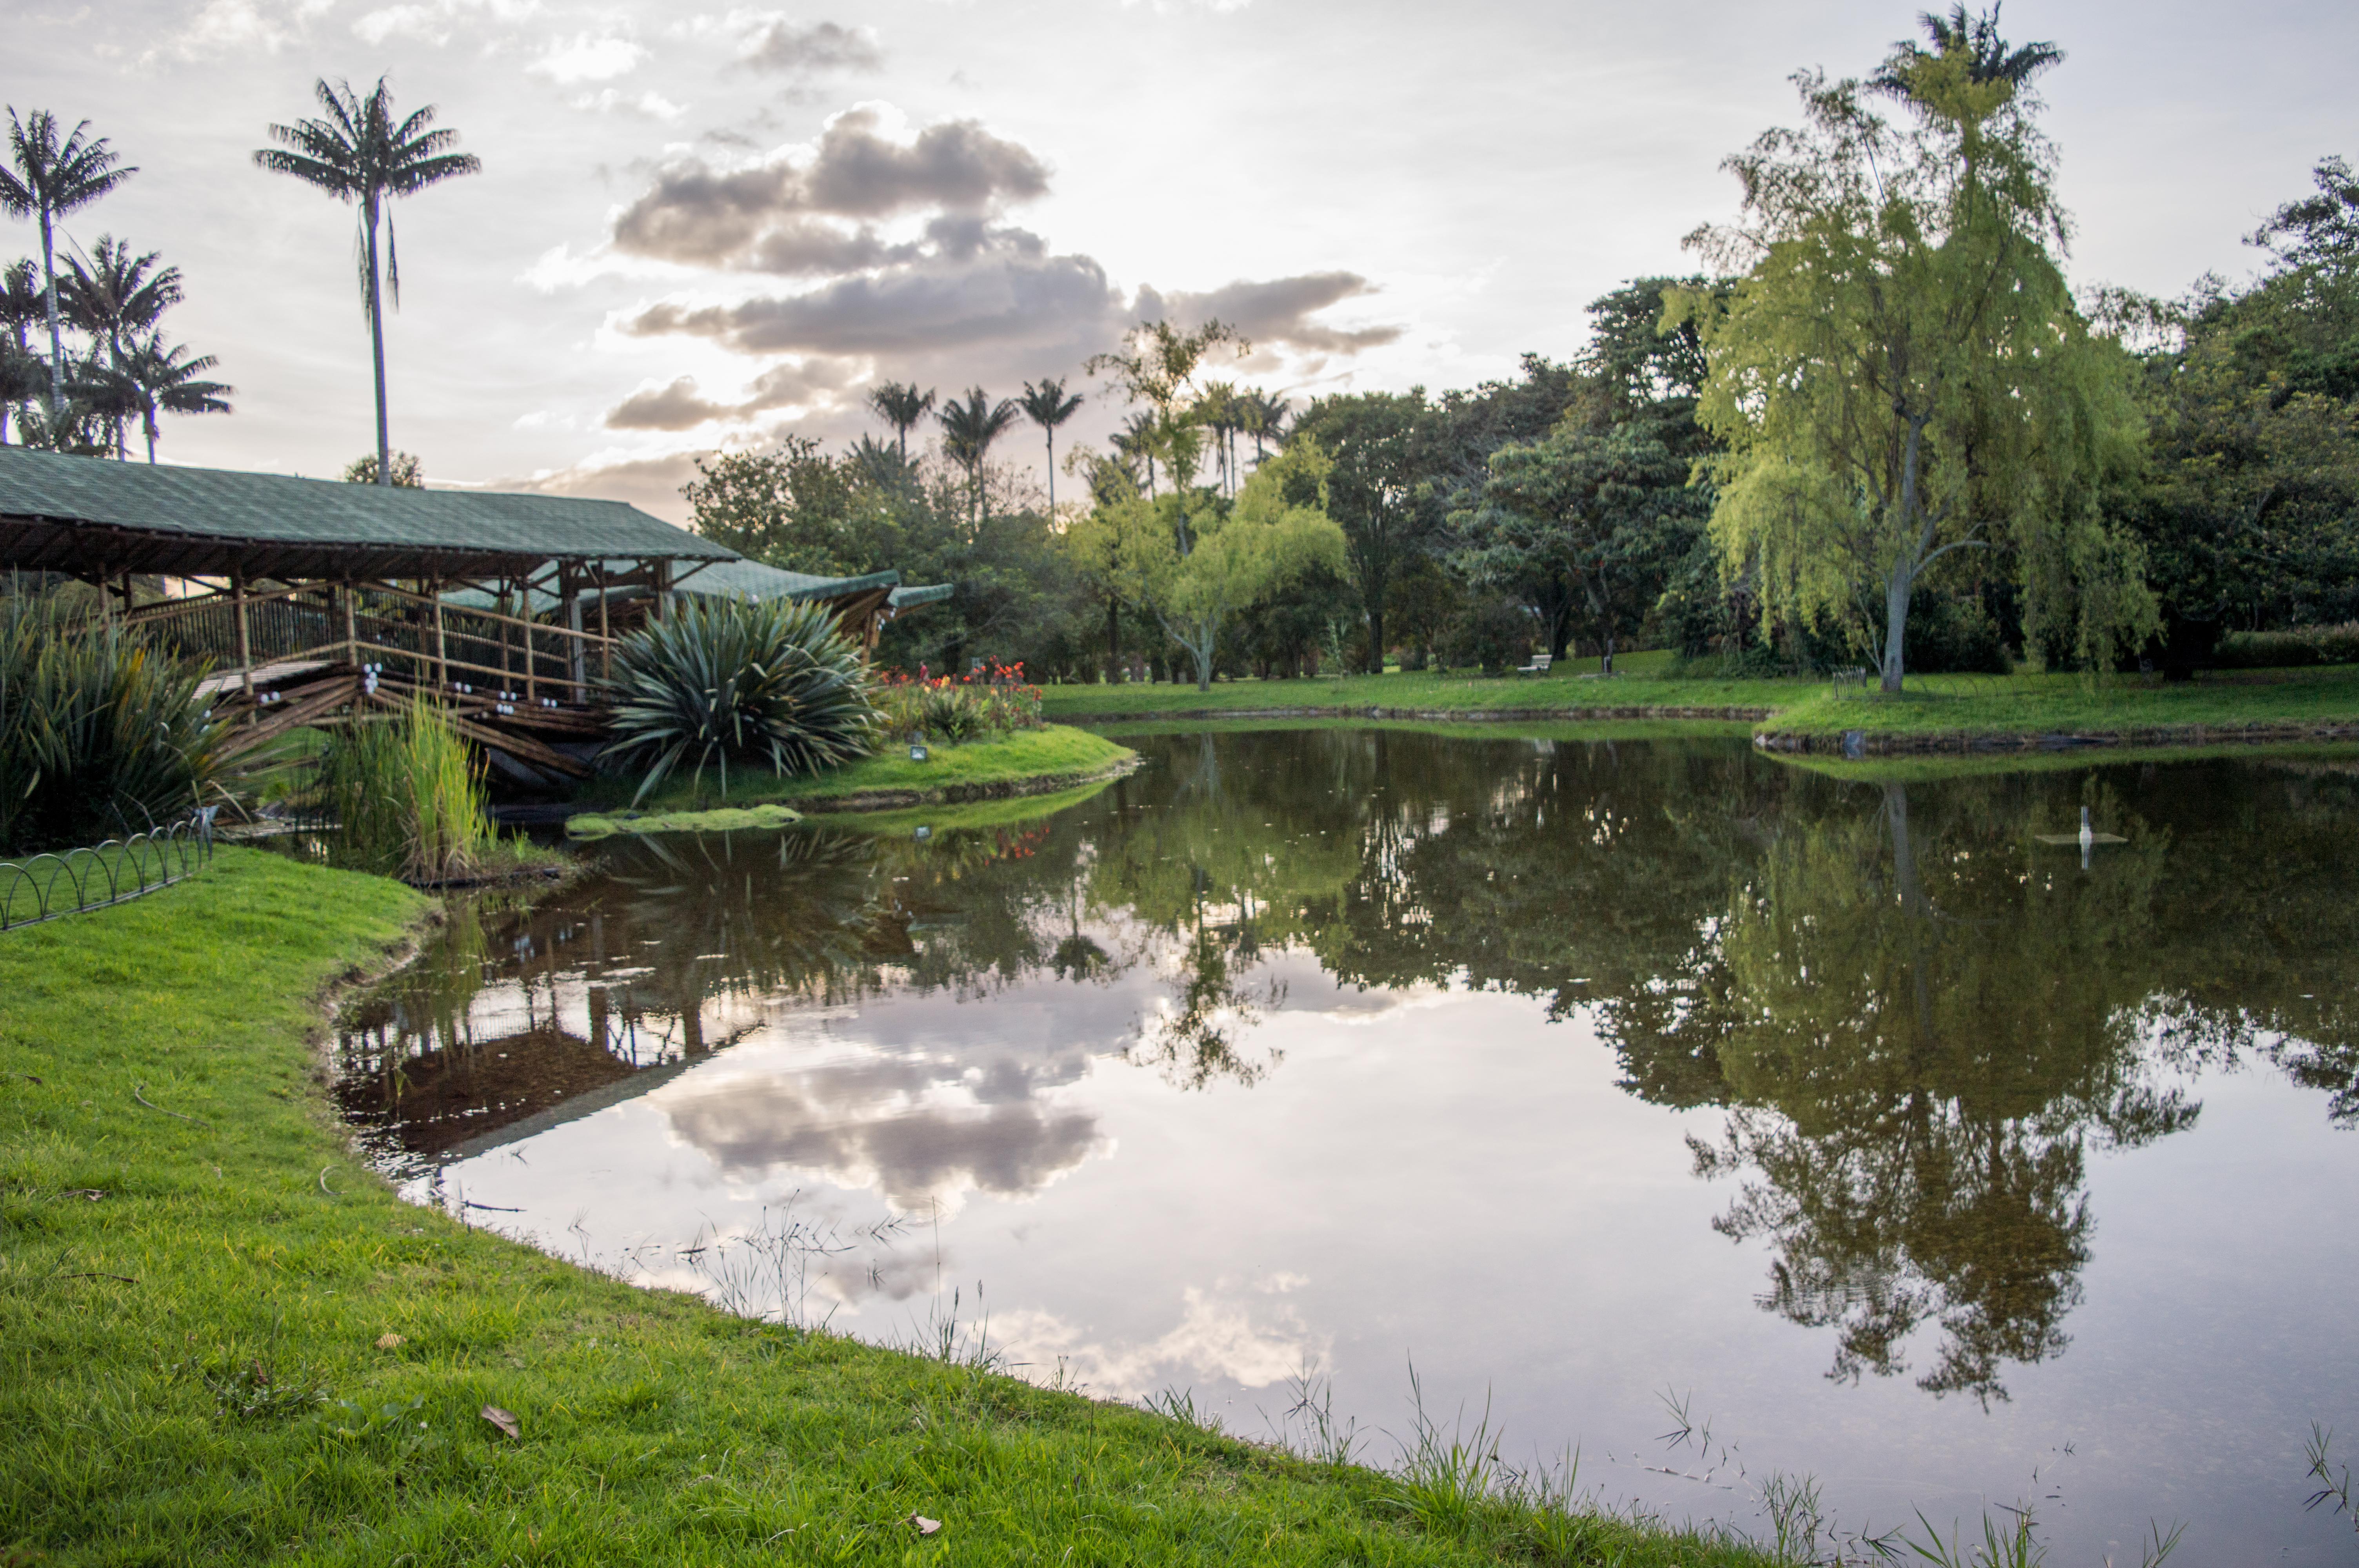 File:Jardín Botanico José Celestino Mutis.jpg - Wikimedia Commons